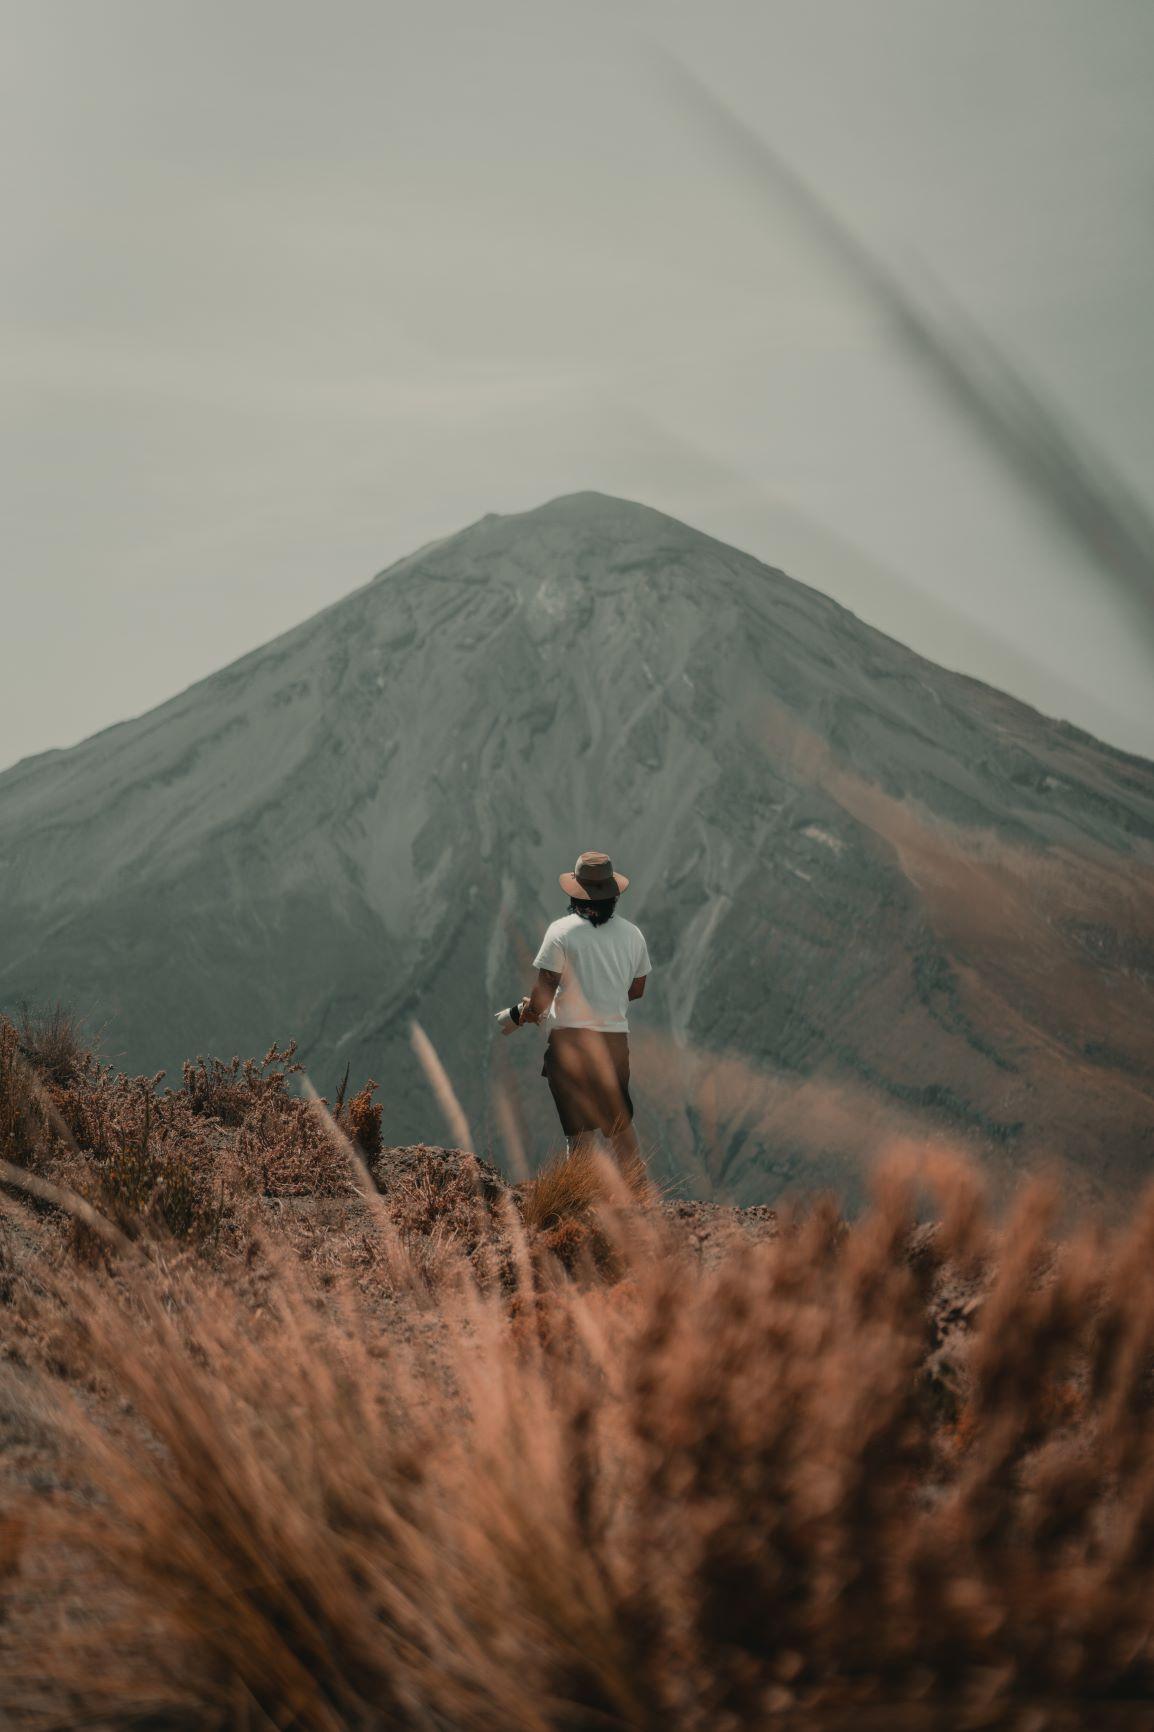 Técnicas para fotografía de viajes por Sebastián León Prado